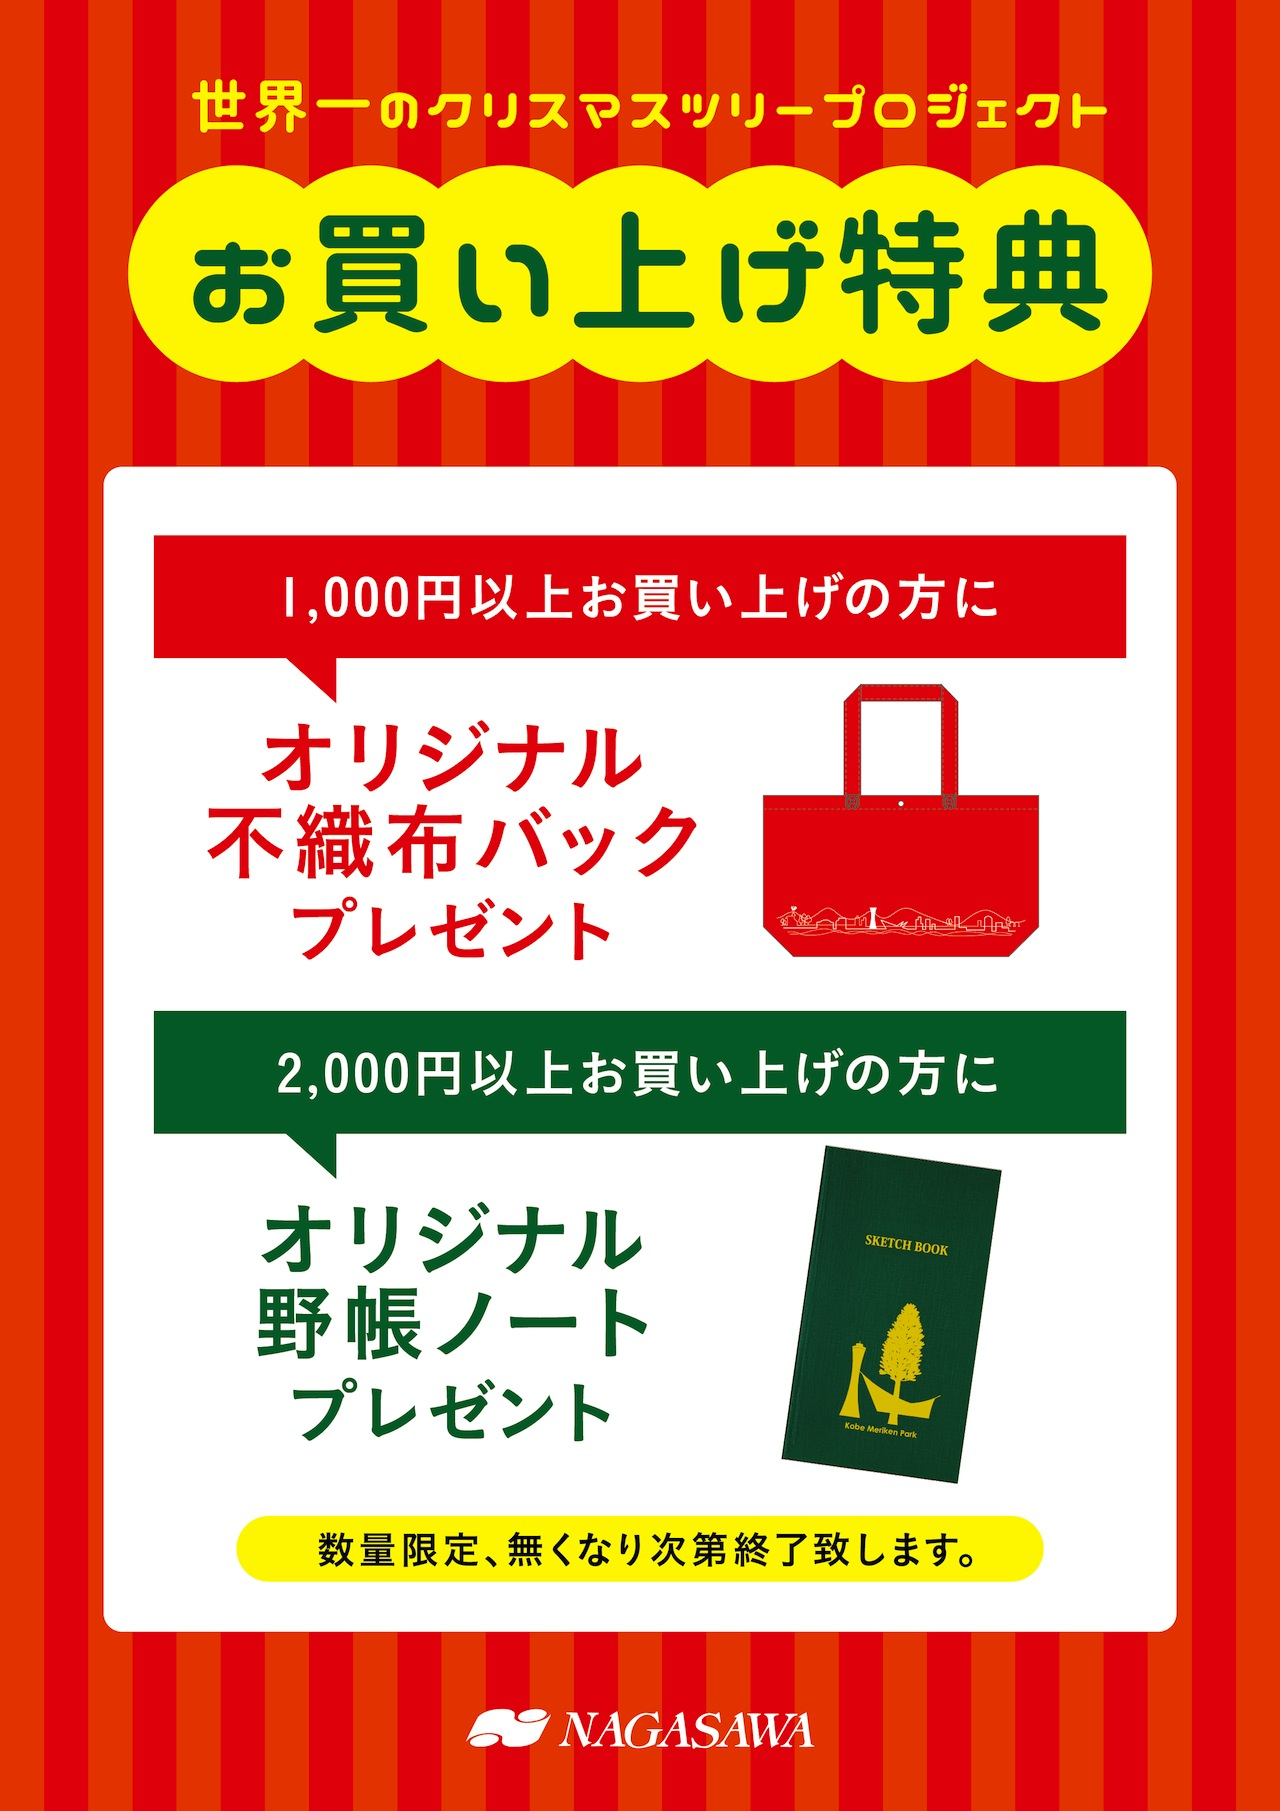 神戸メリケンパークで開催中の『クリスマスマーケット』にぜひお越しください!